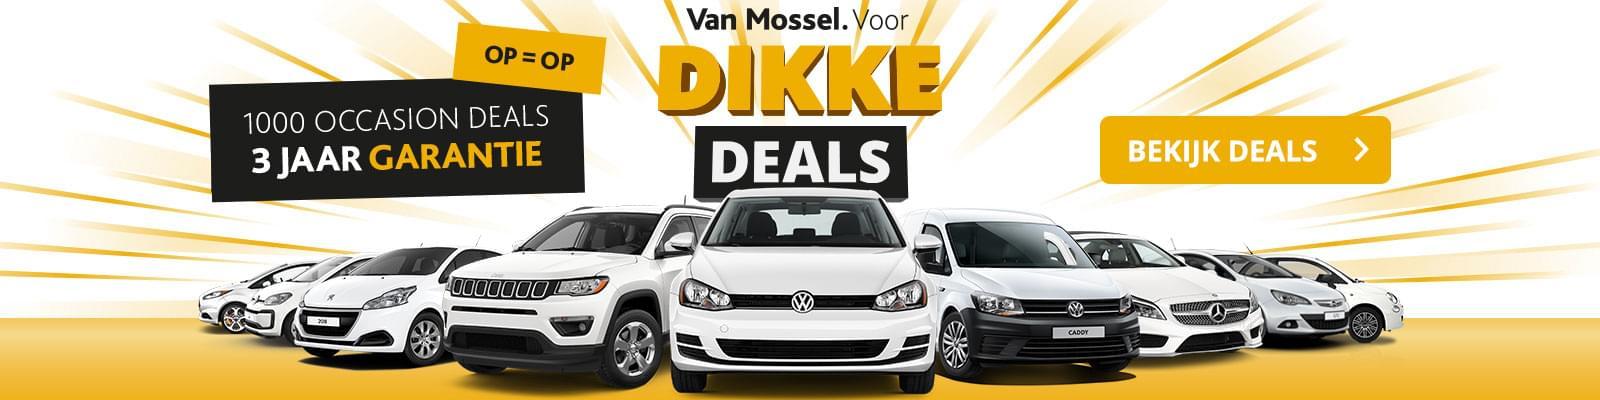 Dikke Deals bij Van Mossel